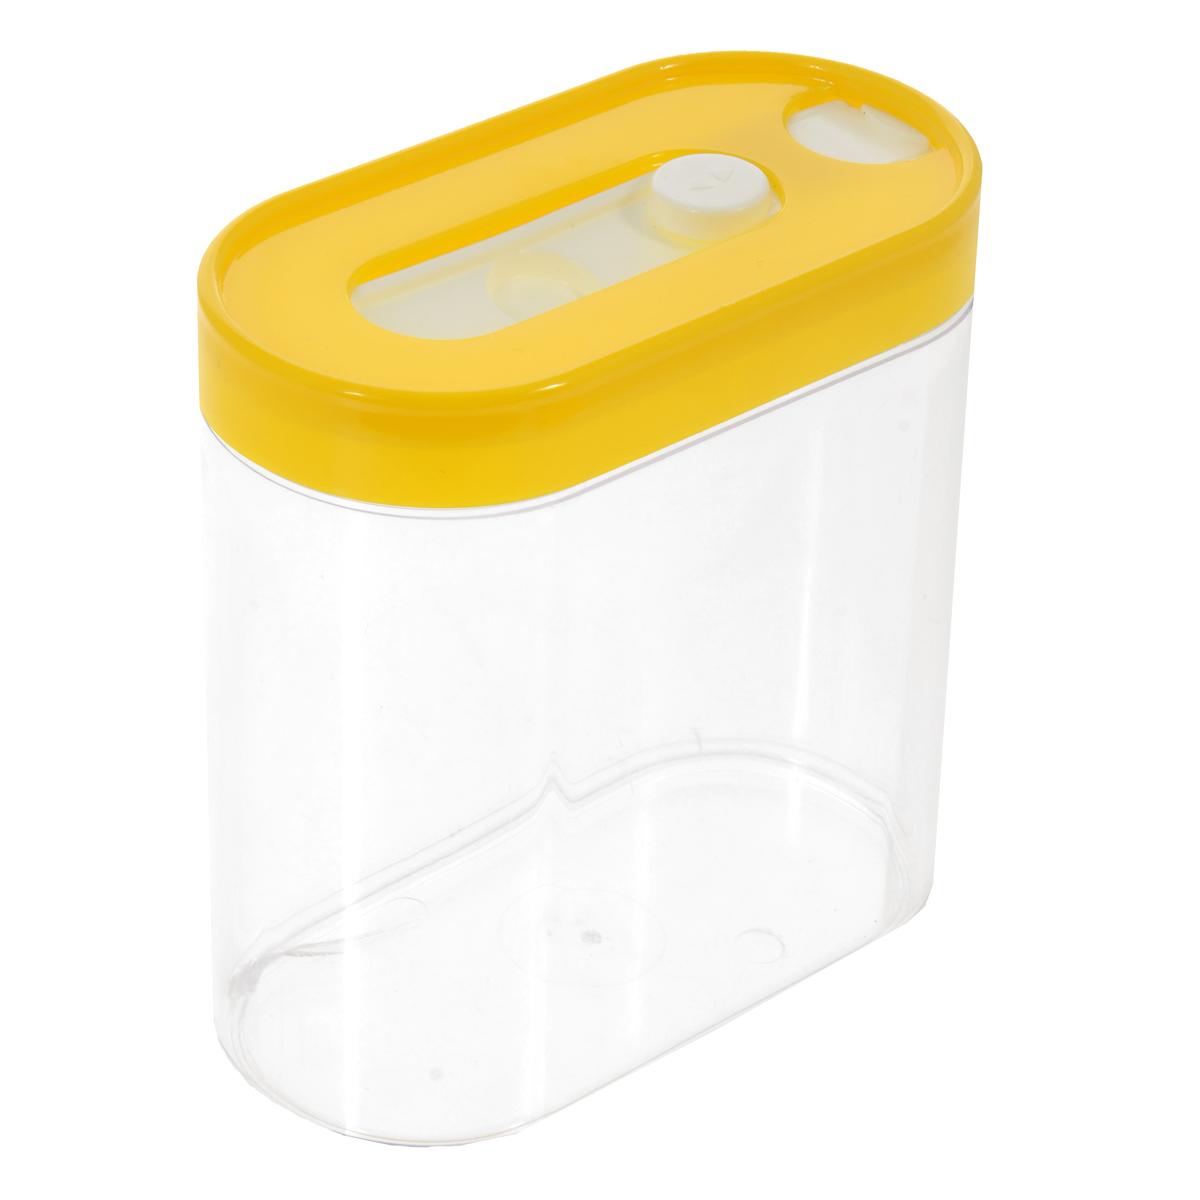 Контейнер для сыпучих продуктов МТМ, цвет: желтый, 750 мл2112выКонтейнер МТМ, выполненный из высококачественного пластика, станет незаменимым помощником на кухне. В нем будет удобно хранить разнообразные сыпучие продукты, такие как крупы, кофе или специи. Прозрачный контейнер позволит следить, что и в каком количестве находится внутри. Крышка плотно прилегает к контейнеру и, в то же время, легко снимается, благодаря специальному фиксатору. Такой контейнер сэкономит место на вашей кухне.